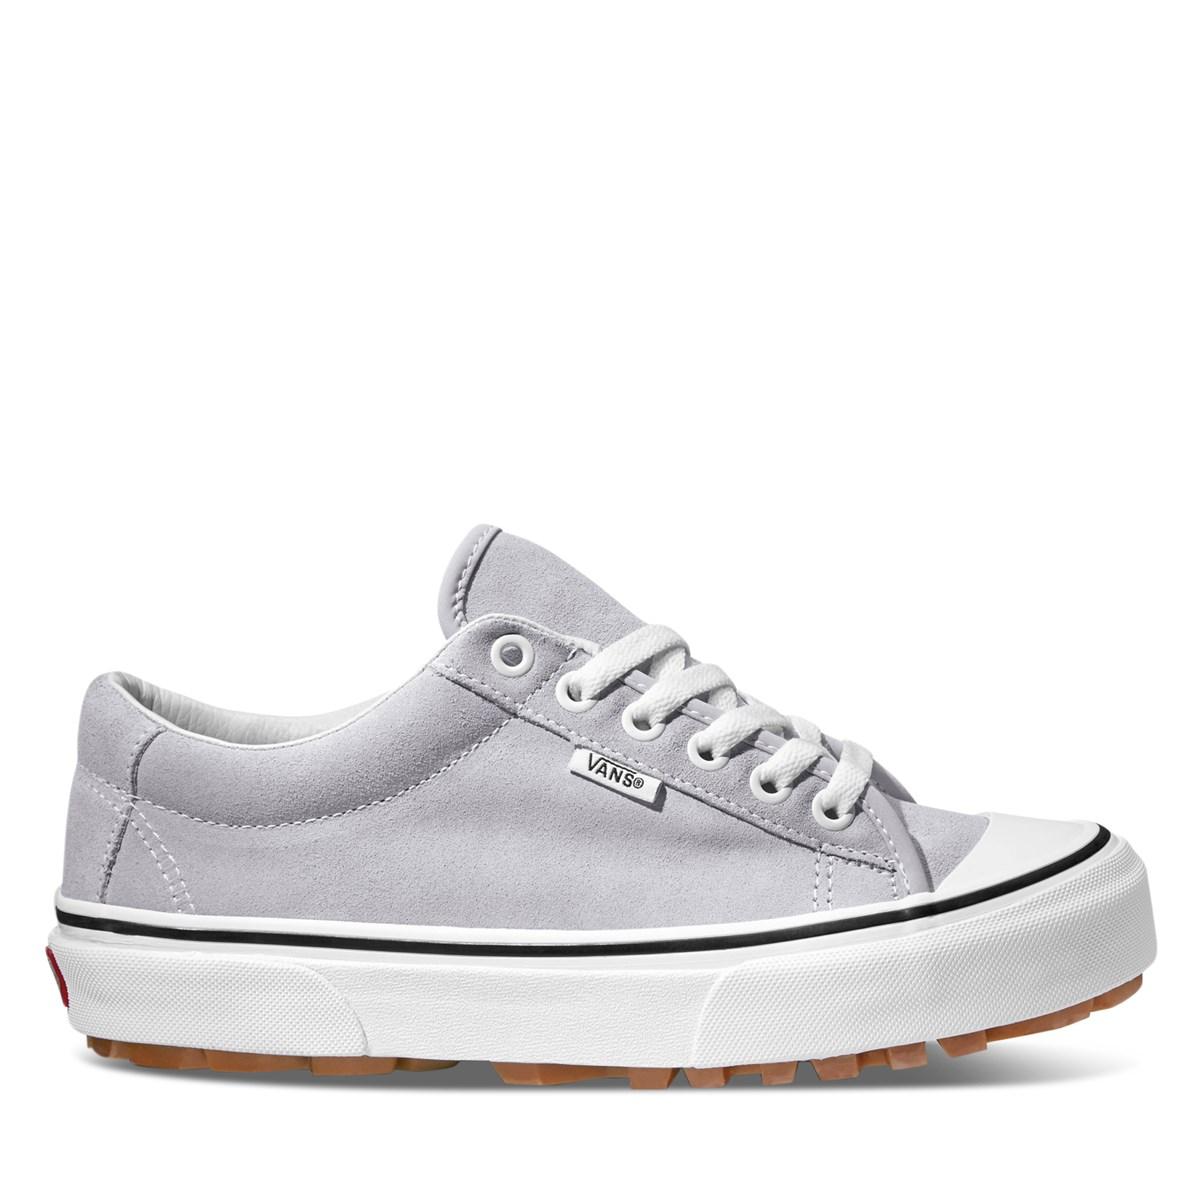 Women's Style 29 Sneakers in Light Grey